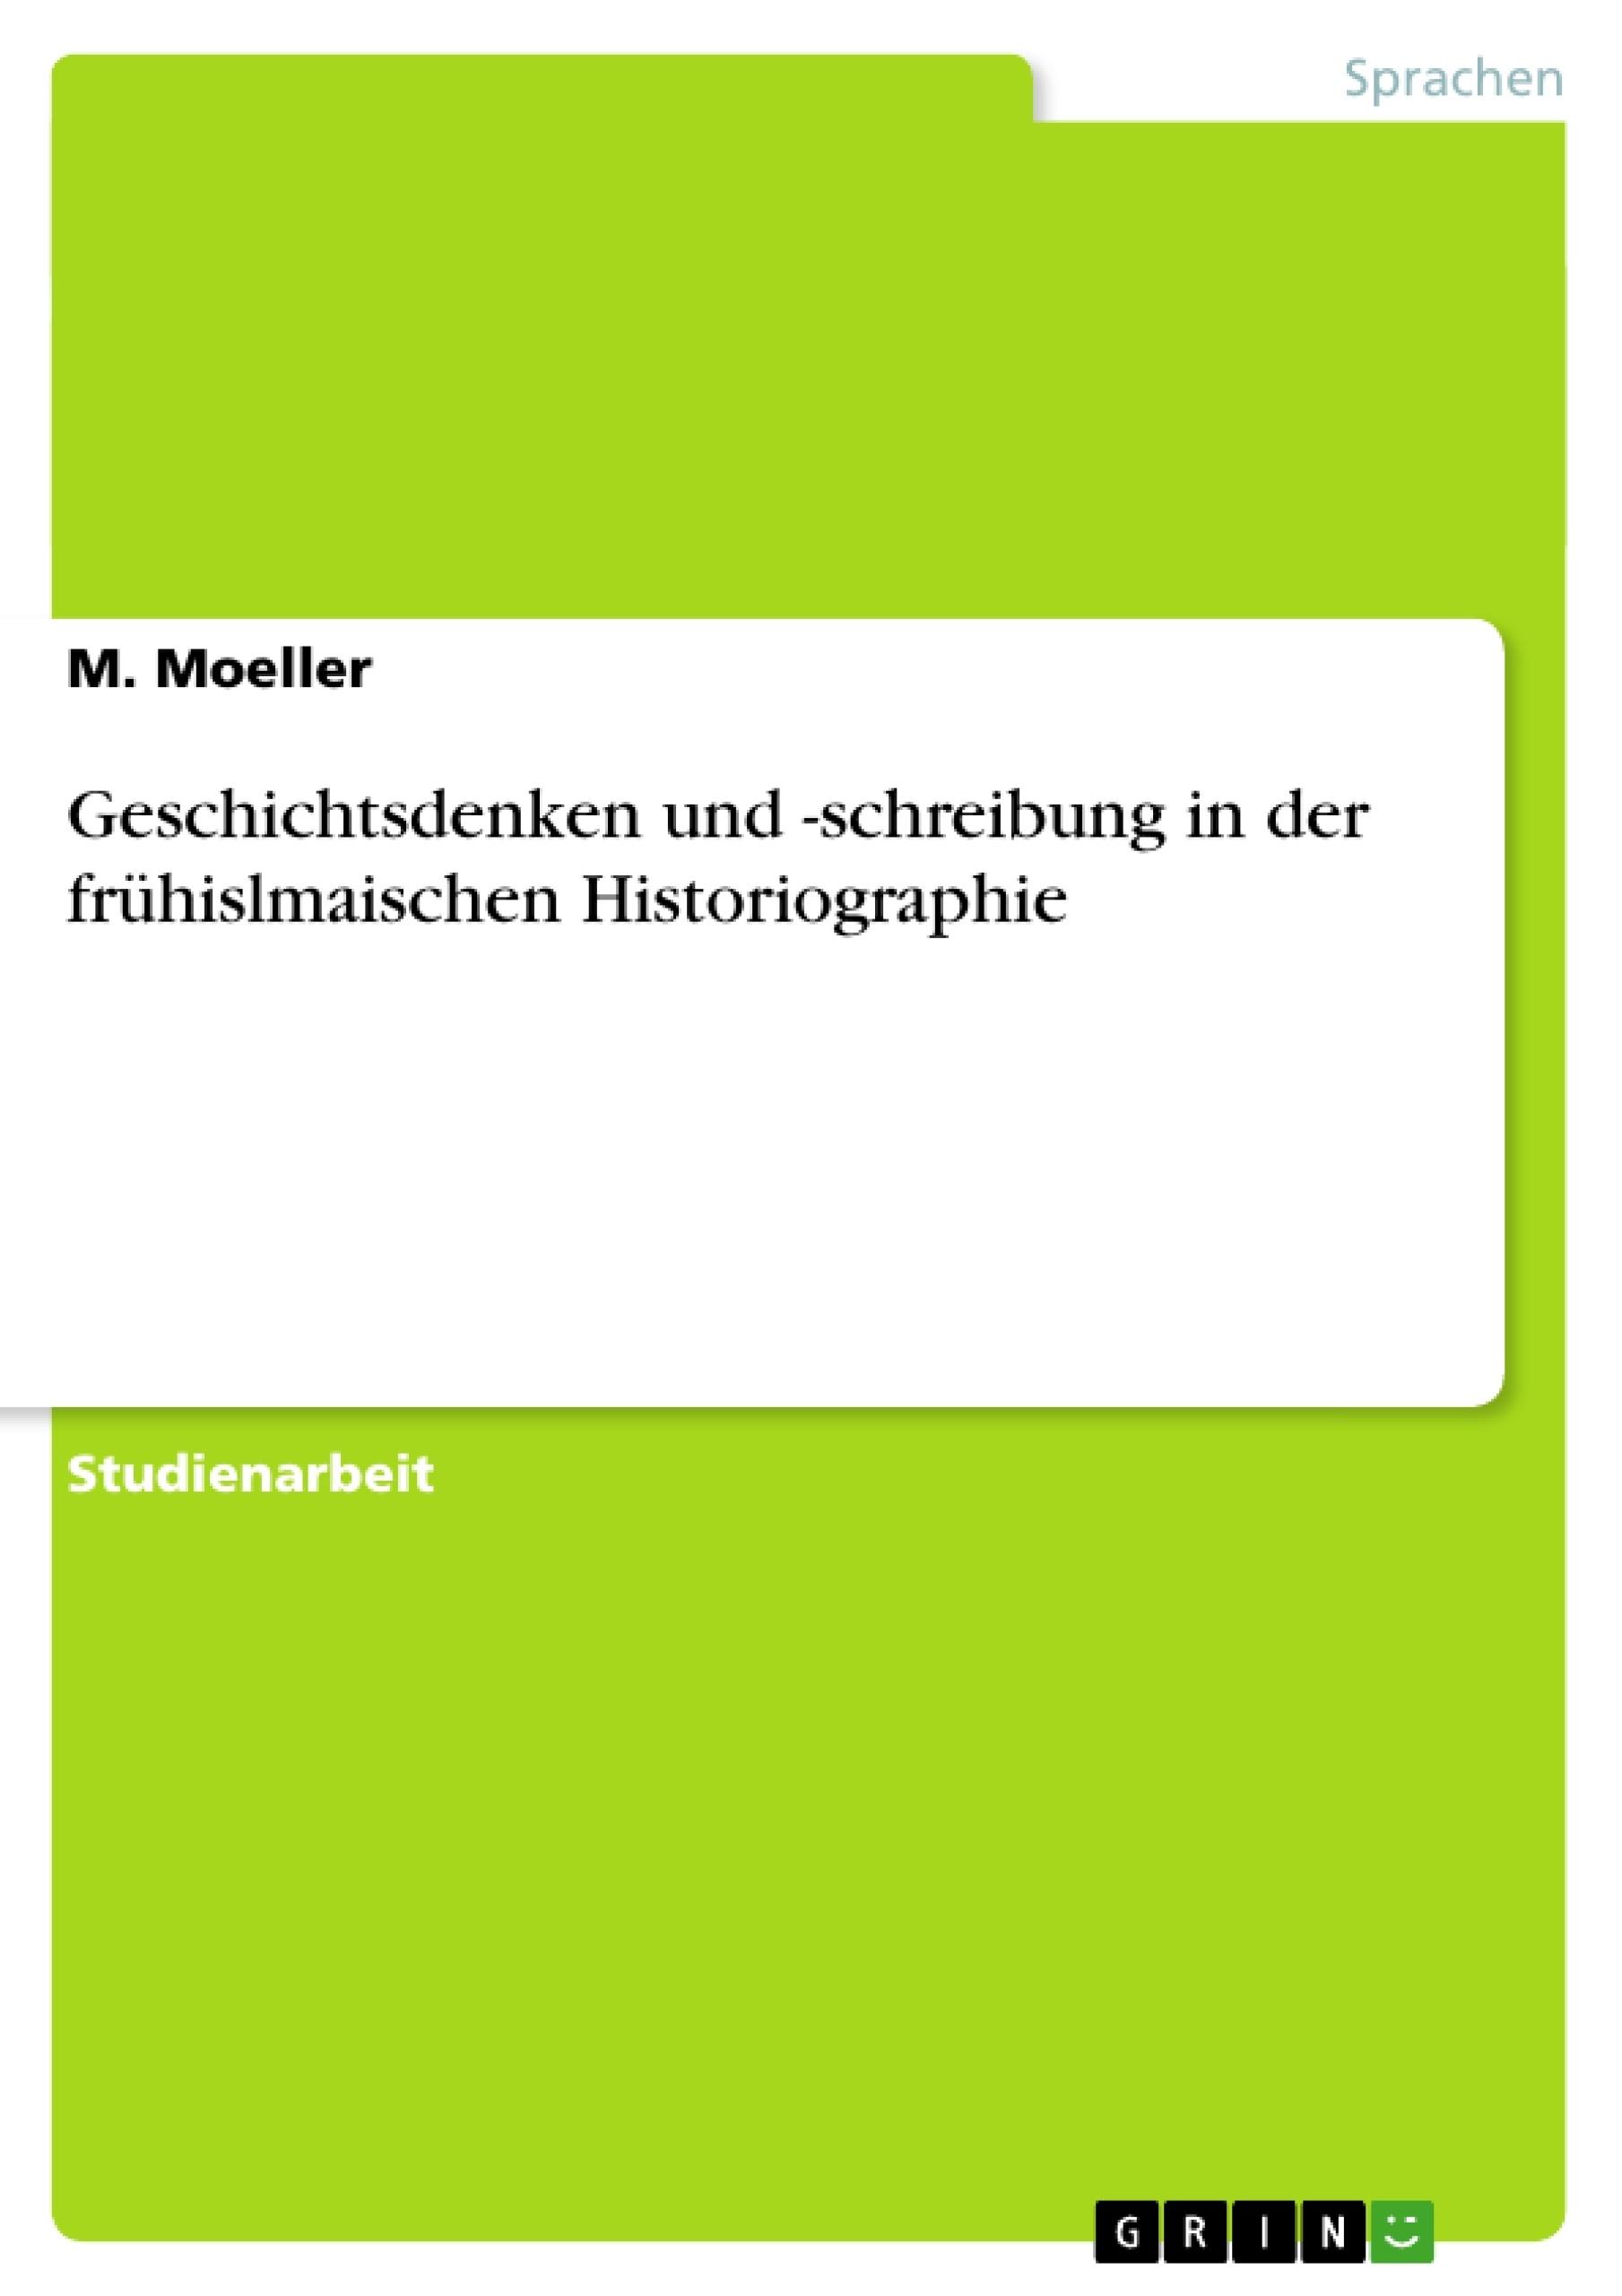 Titel: Geschichtsdenken und -schreibung in der frühislmaischen Historiographie